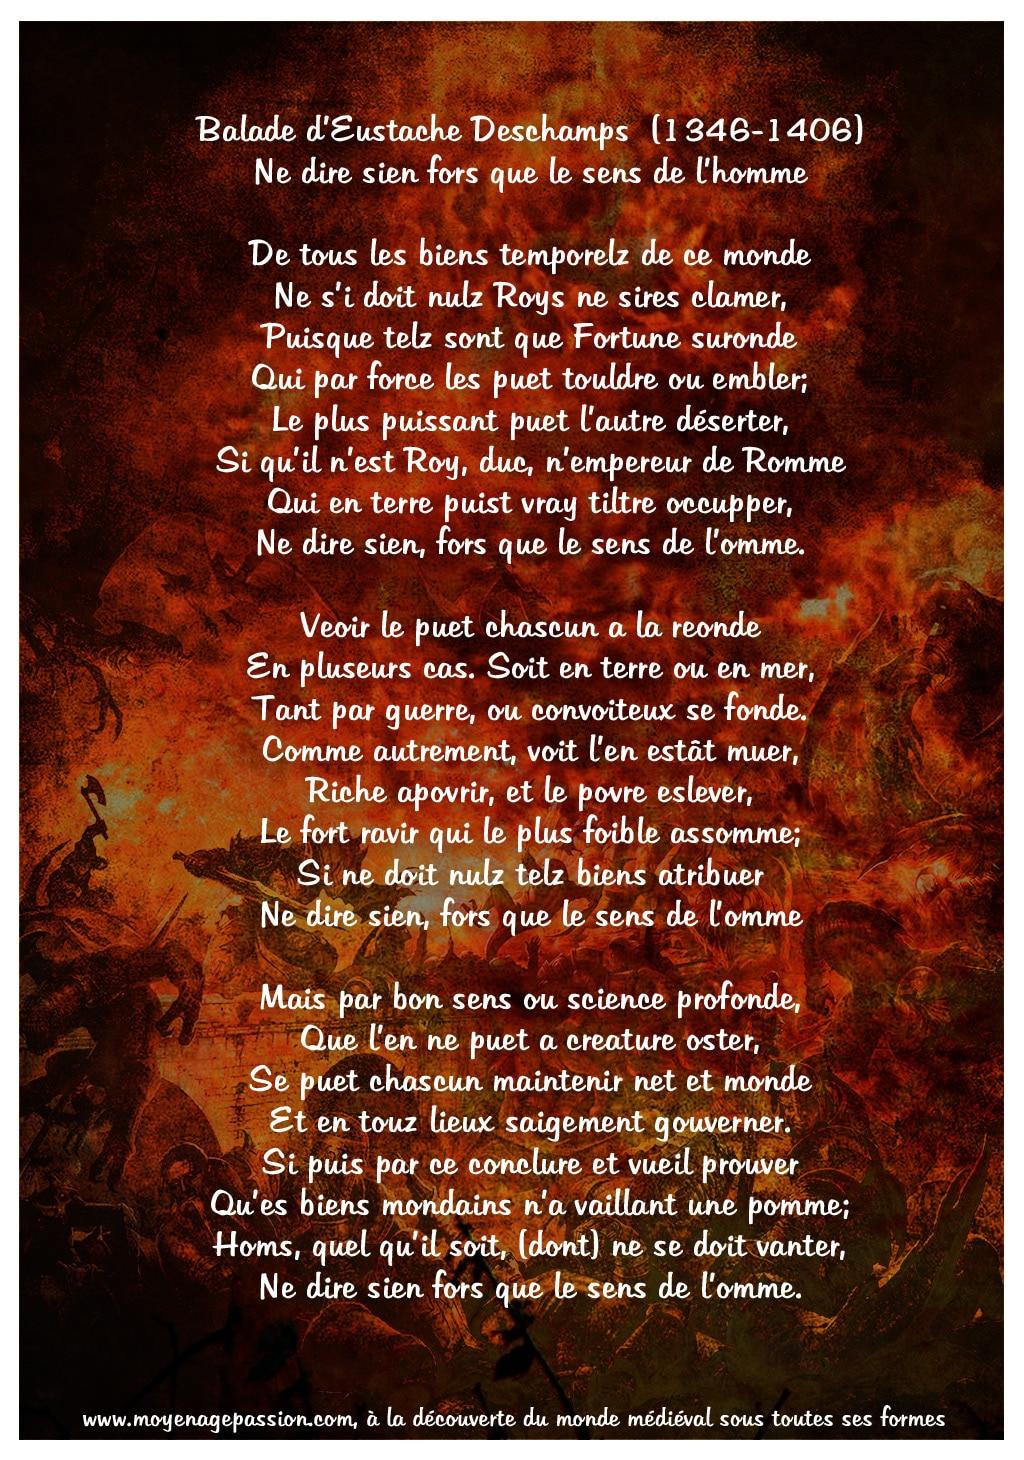 ballade_poetique_politique_morale_poesie_medievale_auteur_eustache_deschamps_vanite_bon_sens